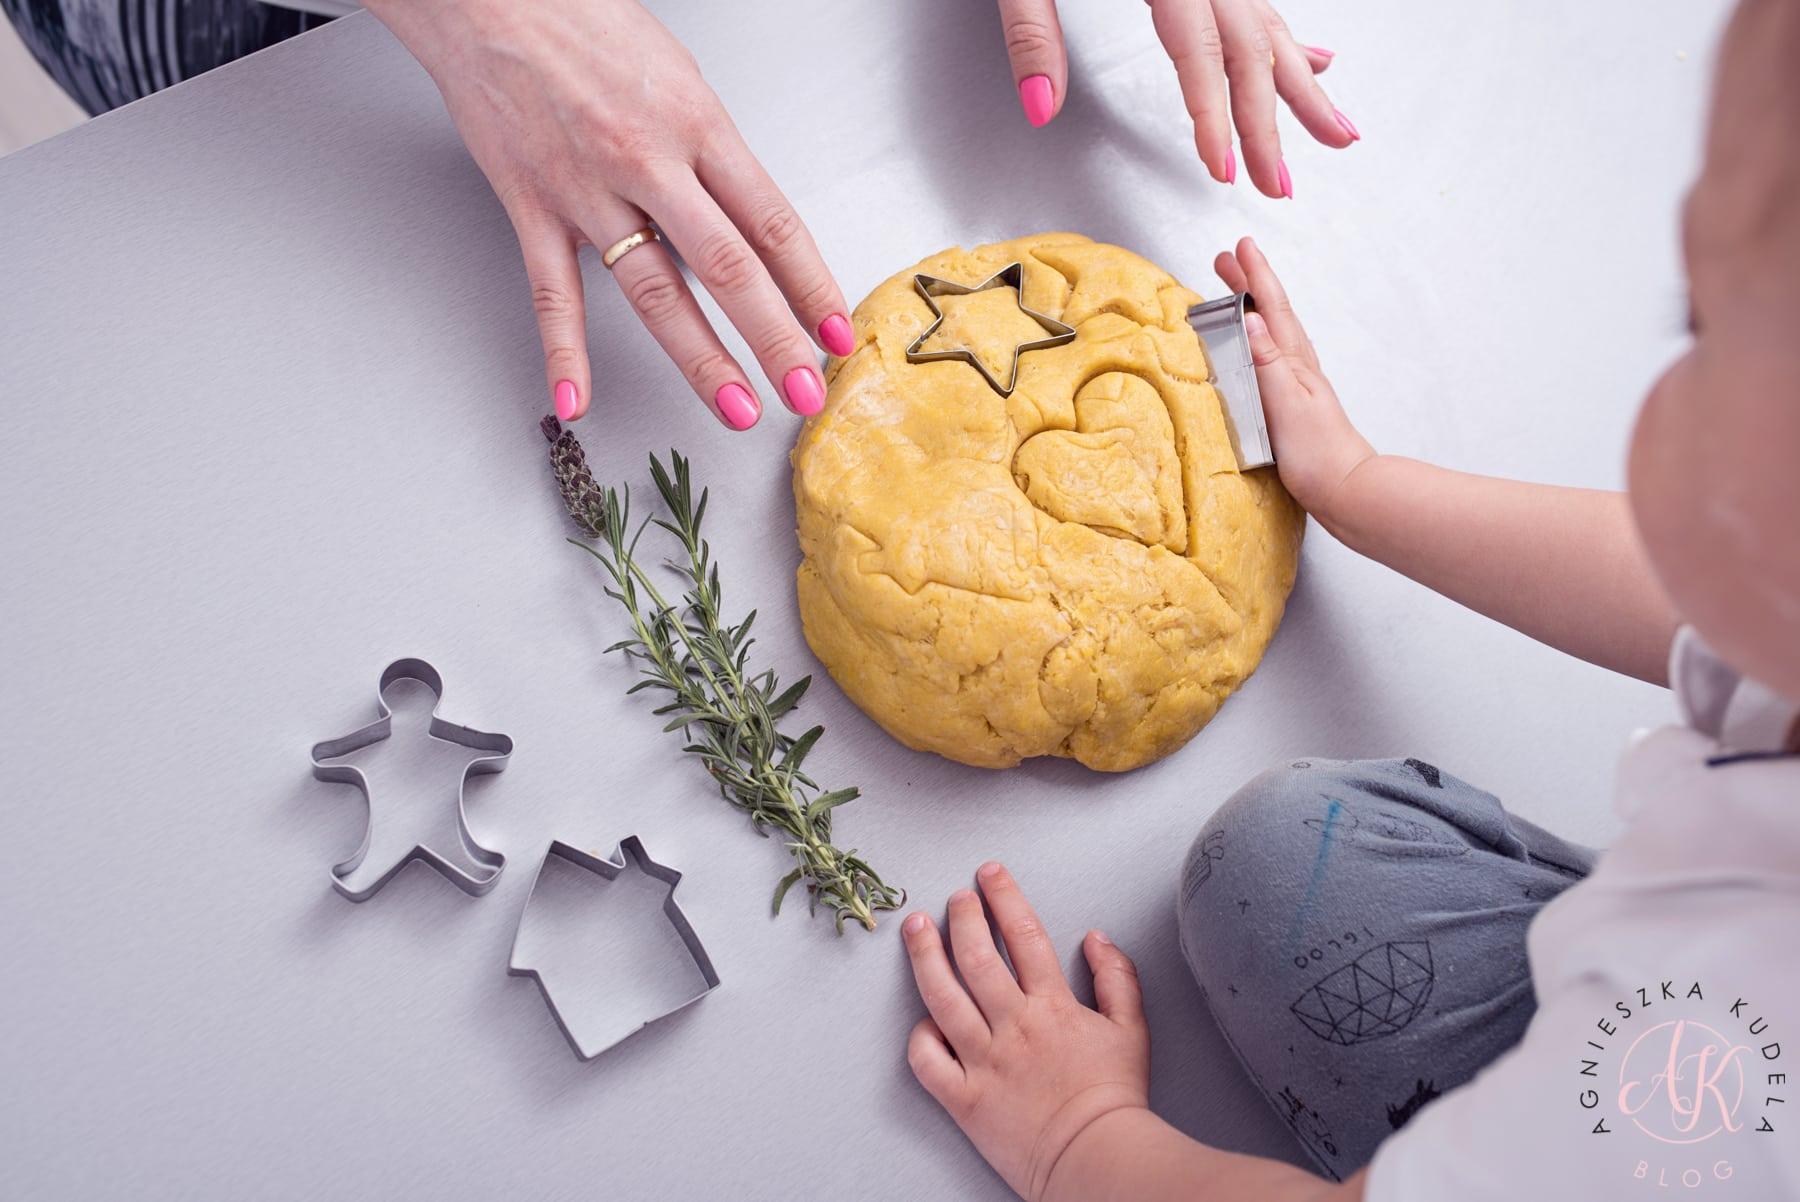 przepis na zdrowe ciastka bez cukru i masła